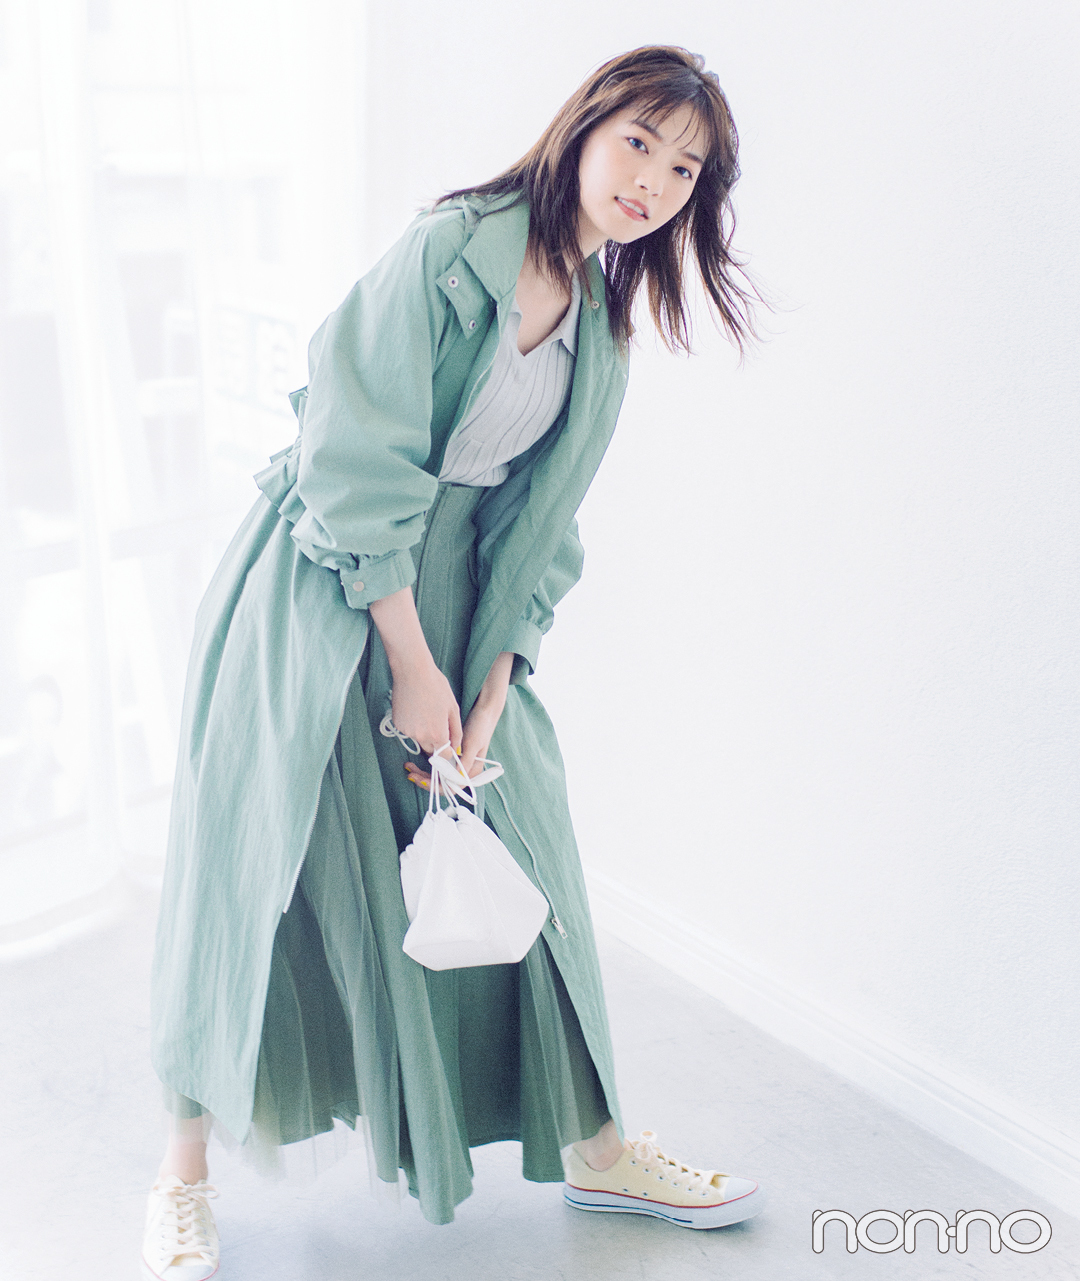 西野七瀬★ ファッションモデルとしての実力がスゴいフォトギャラリー_1_3